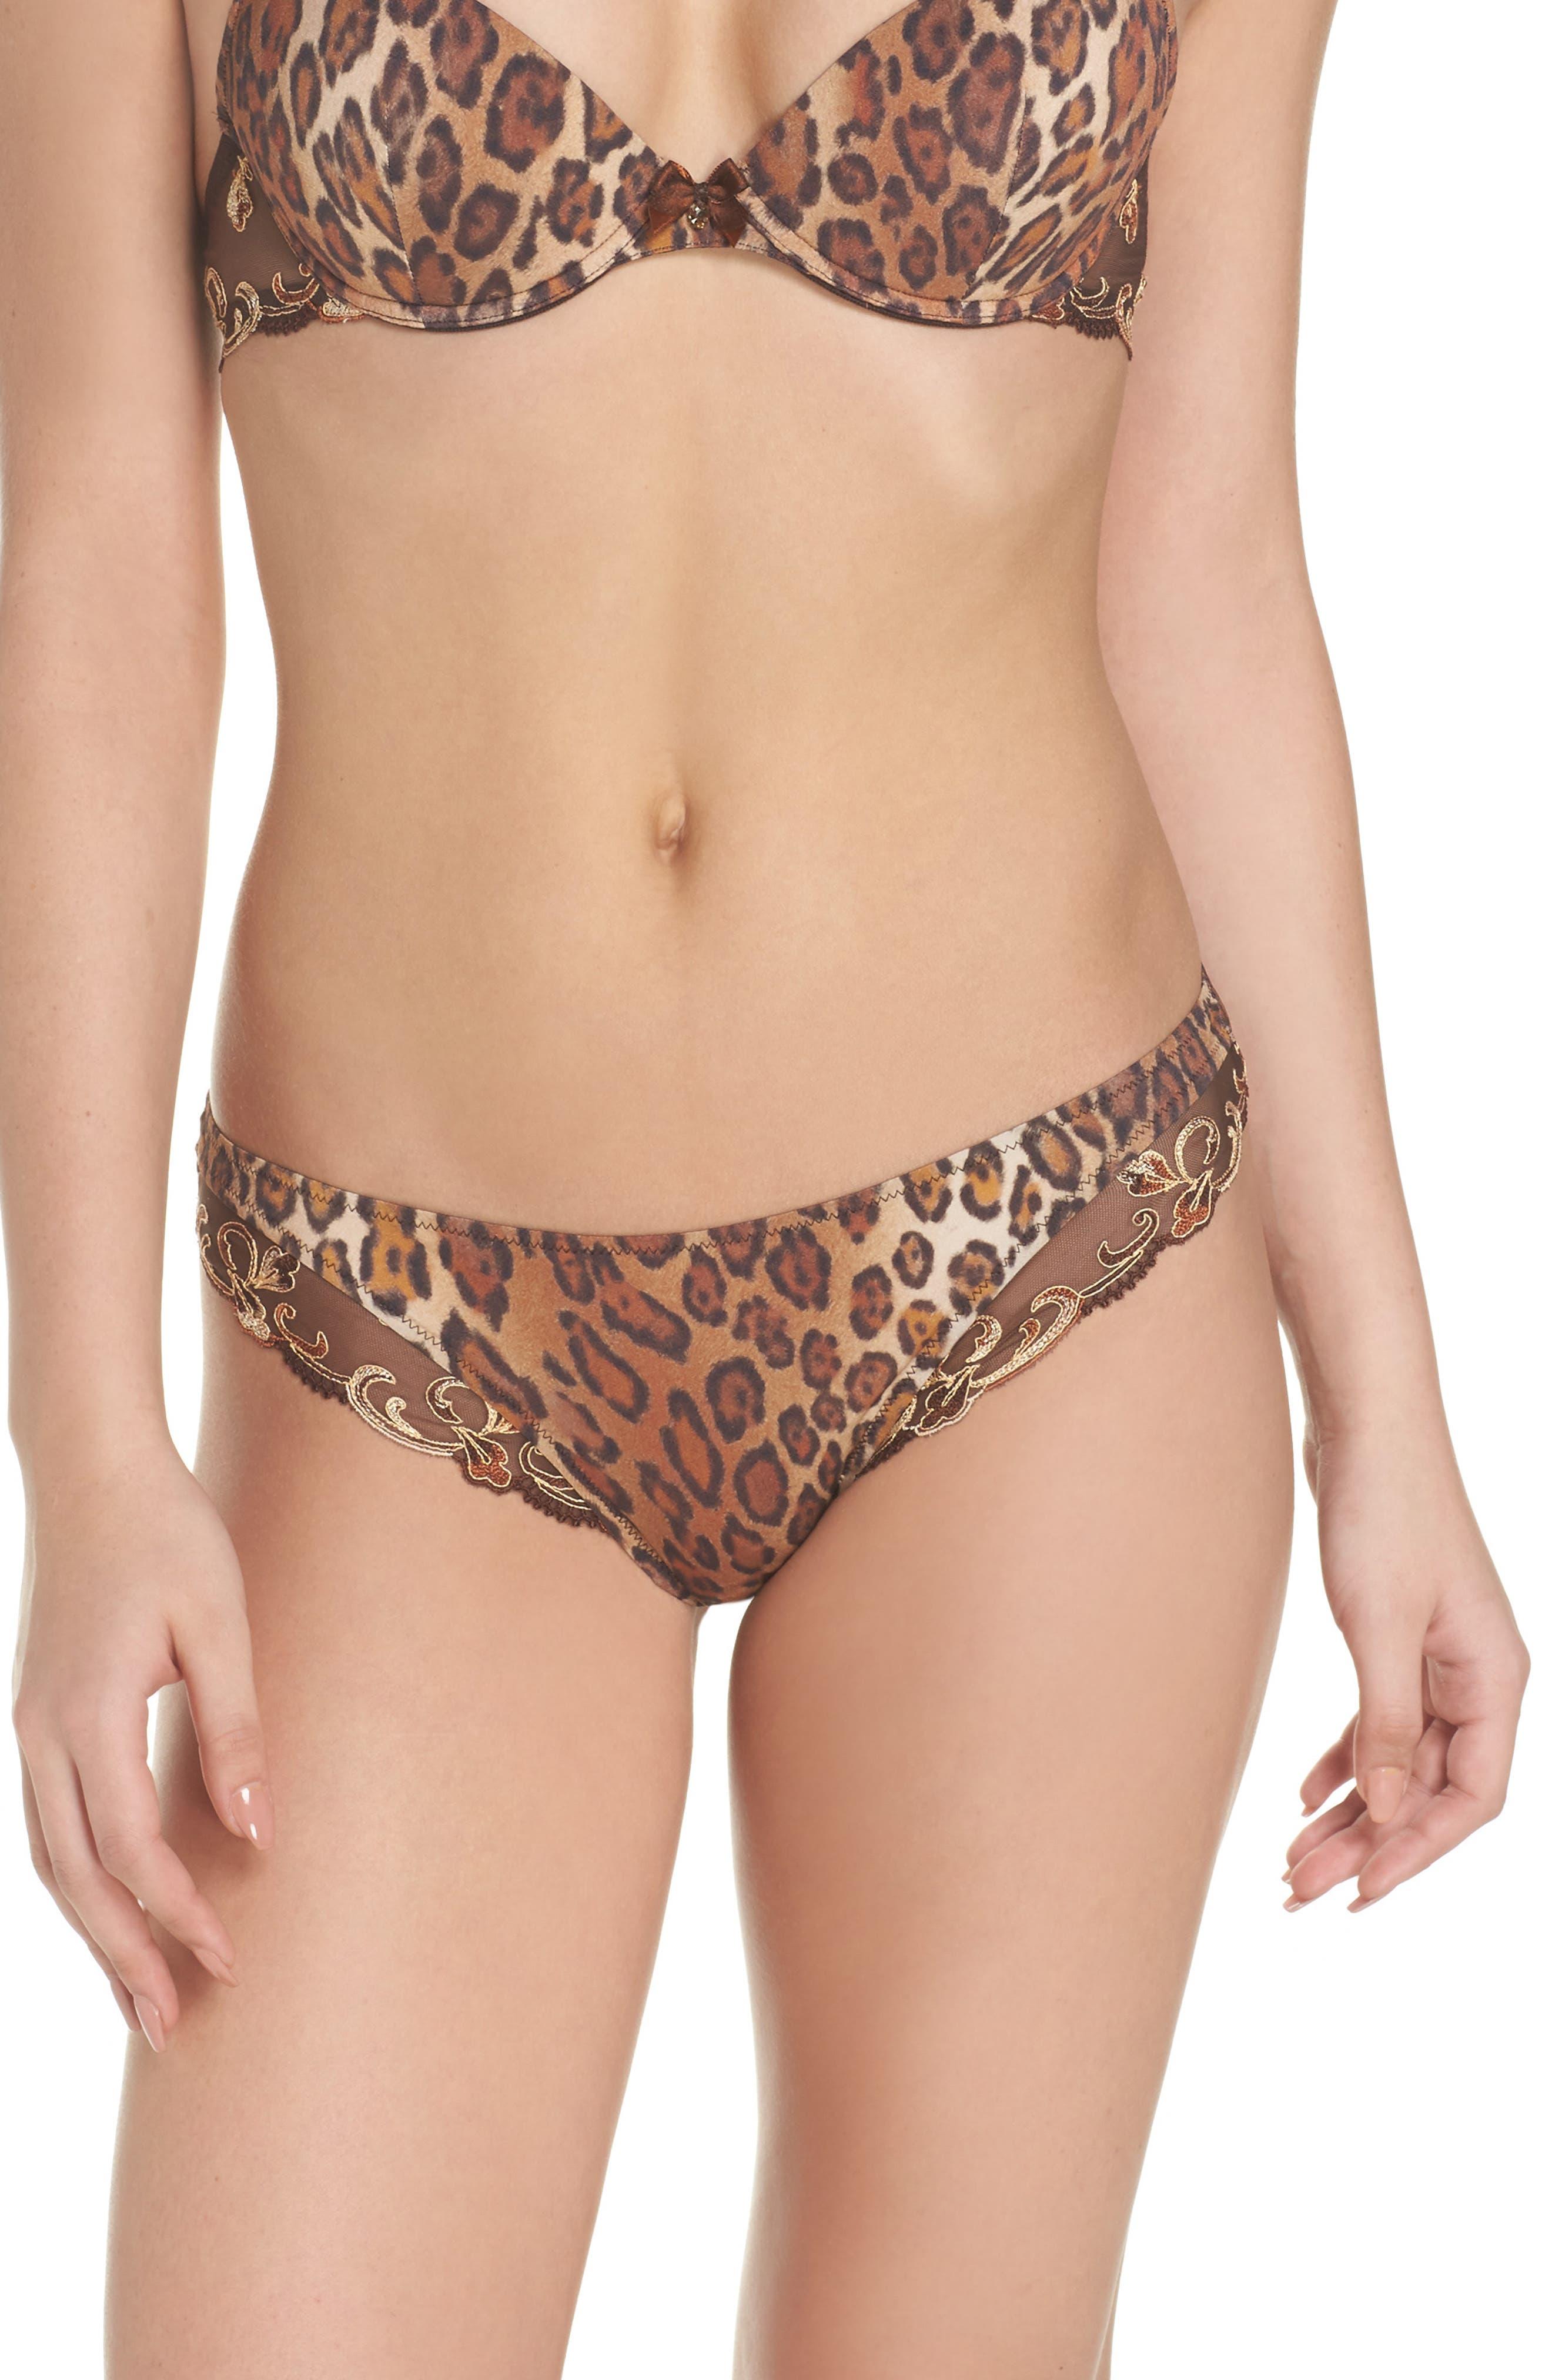 Distinction Fauve Panties,                         Main,                         color,